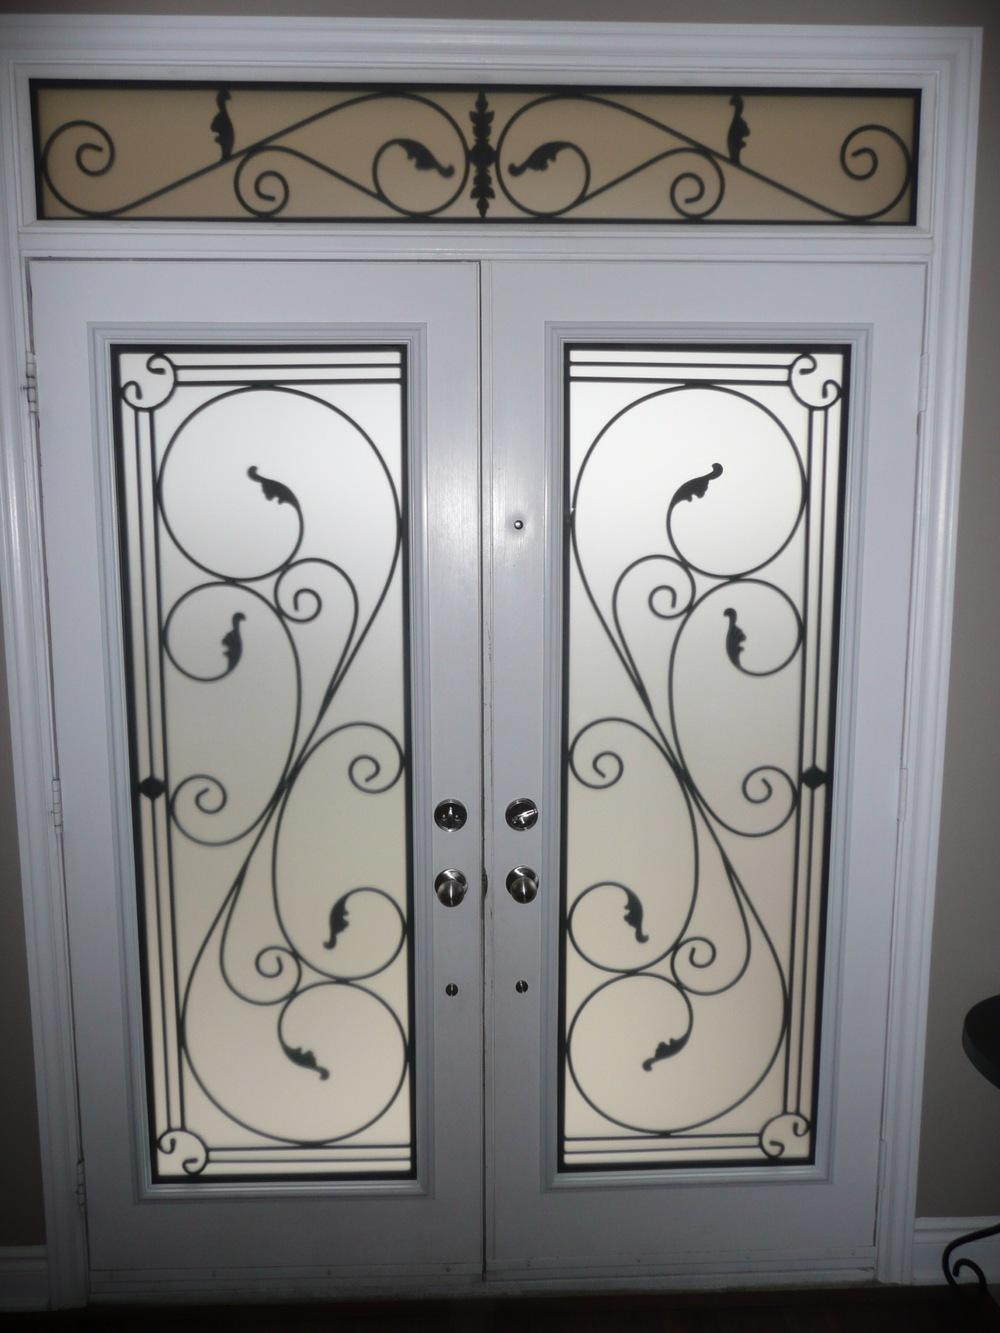 Flamingo-Bay-Wrought-Iron-Glass-Door-Inserts-Barrie-Ontario